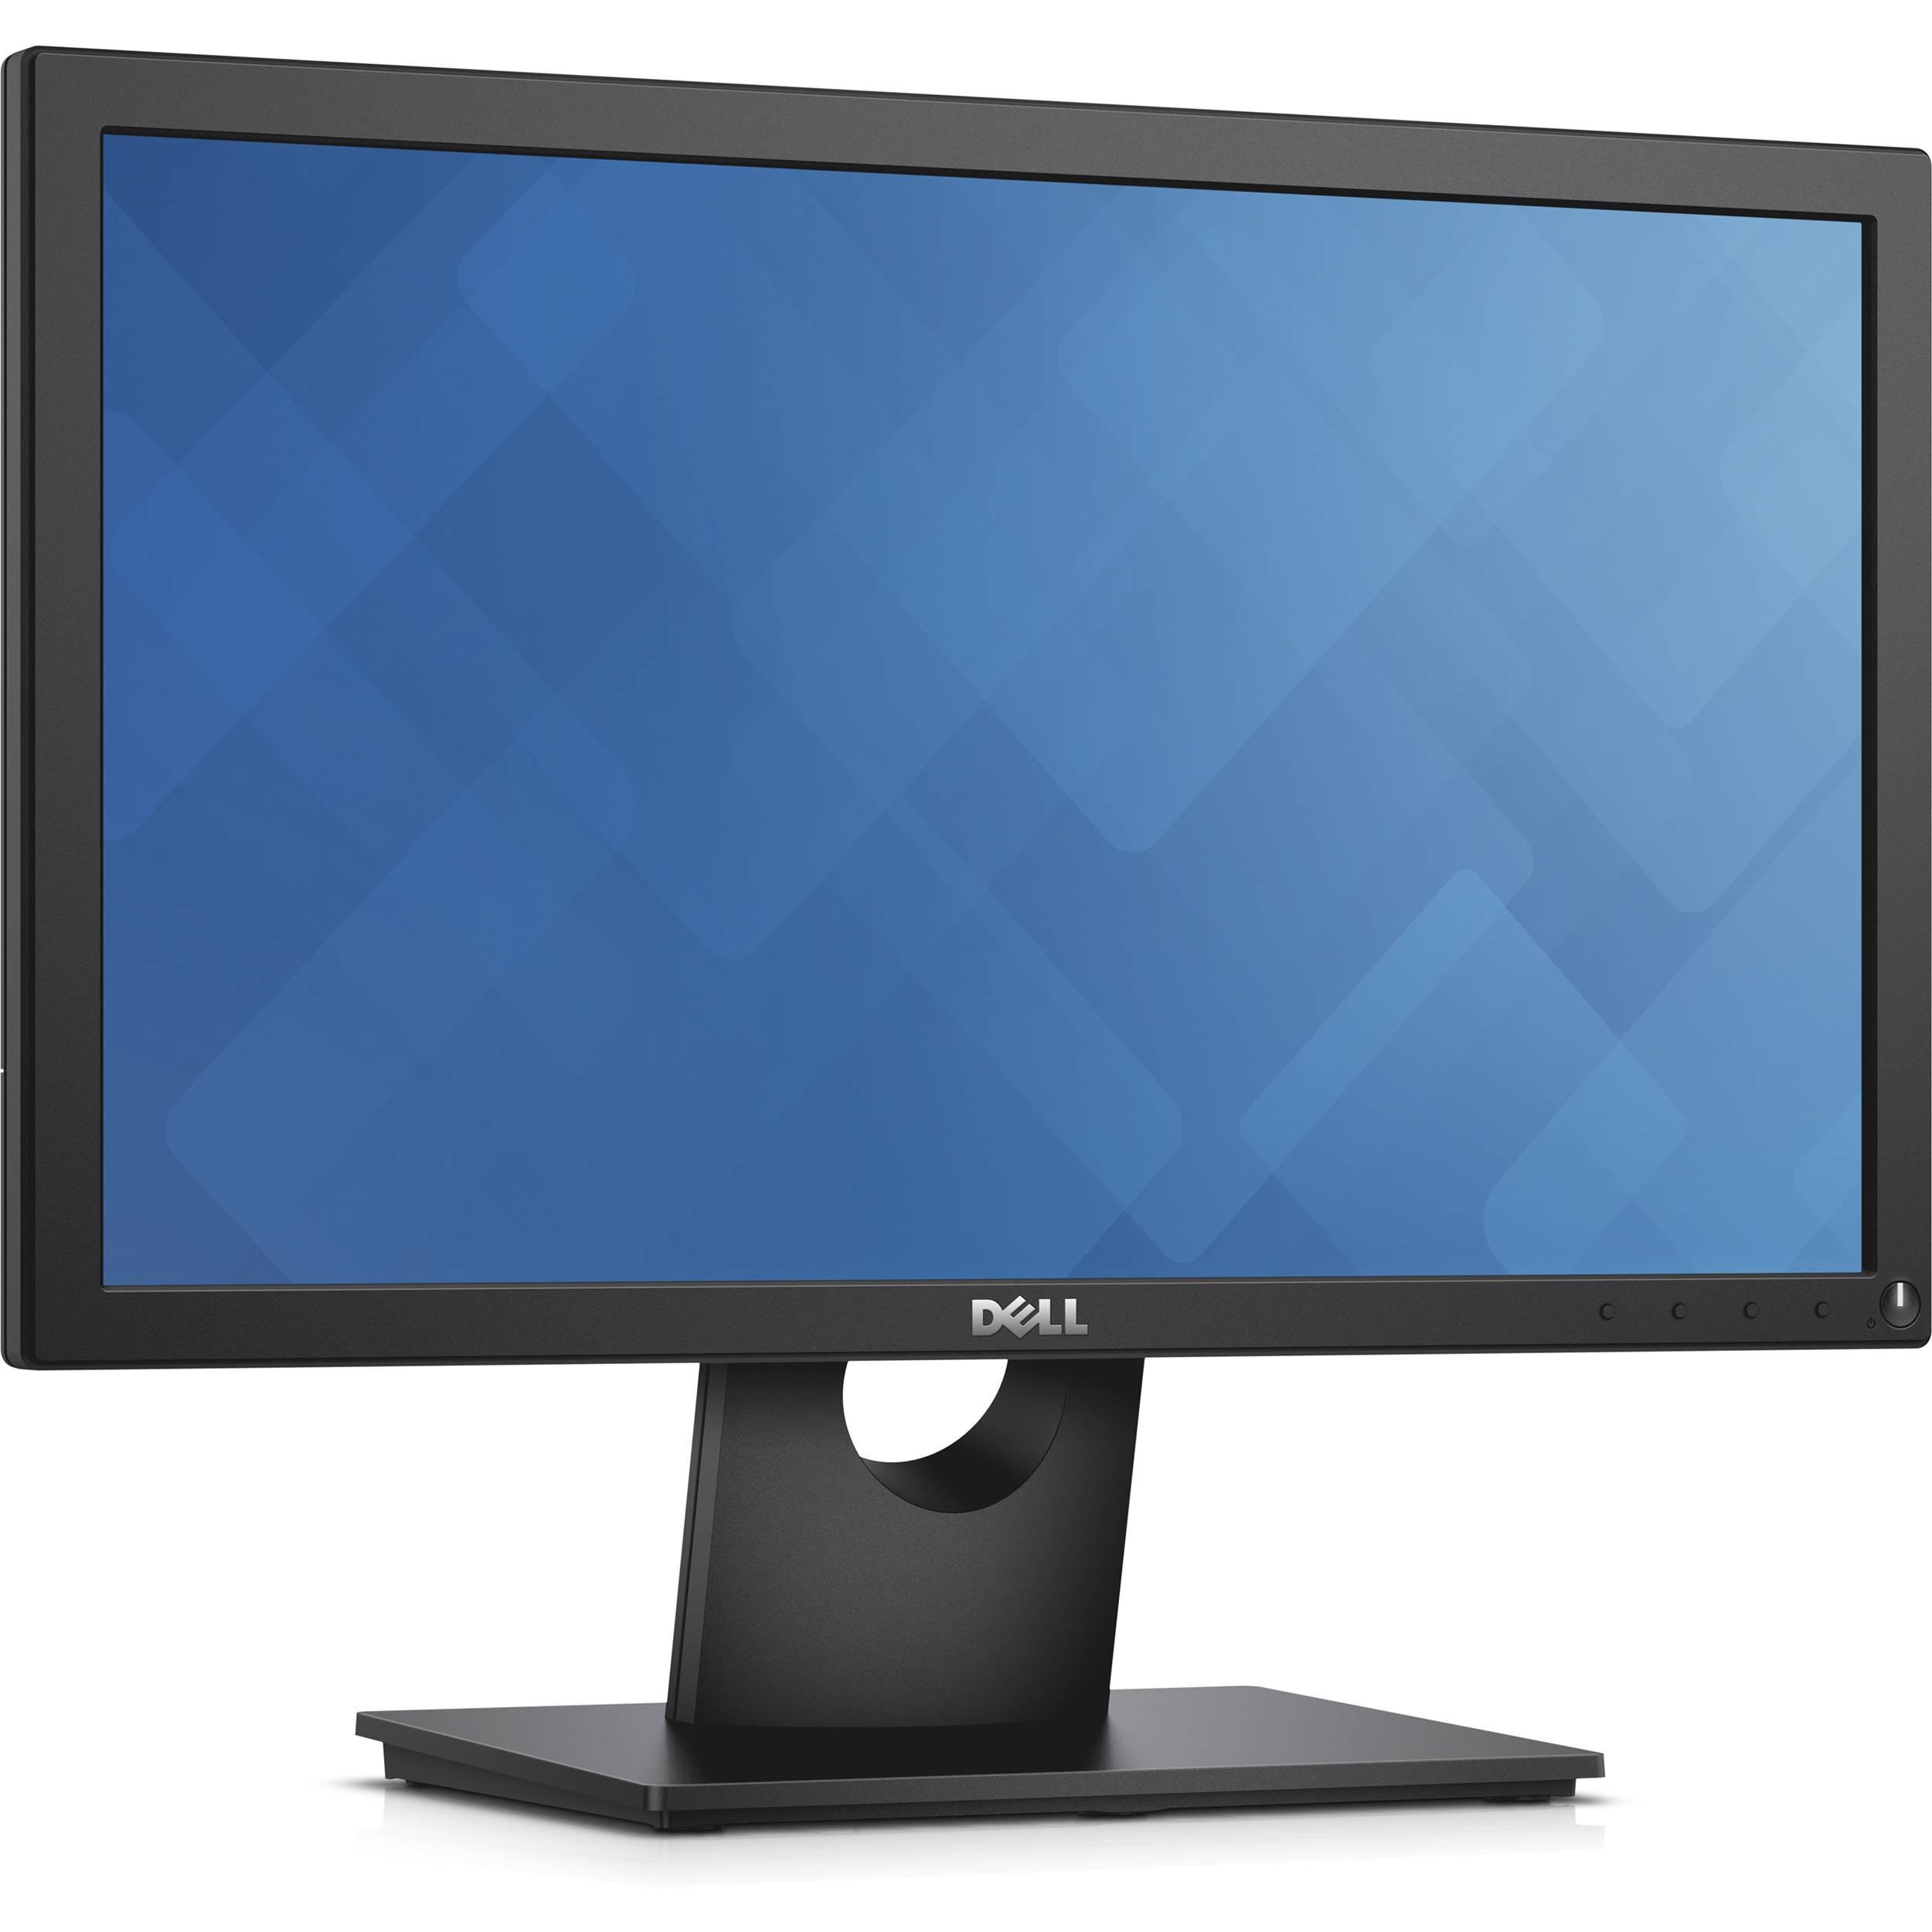 Ordinateur Tout En Un Tactile Dell Inspiron 20 3000 3064 Insp3064 Touch Cran E2016h